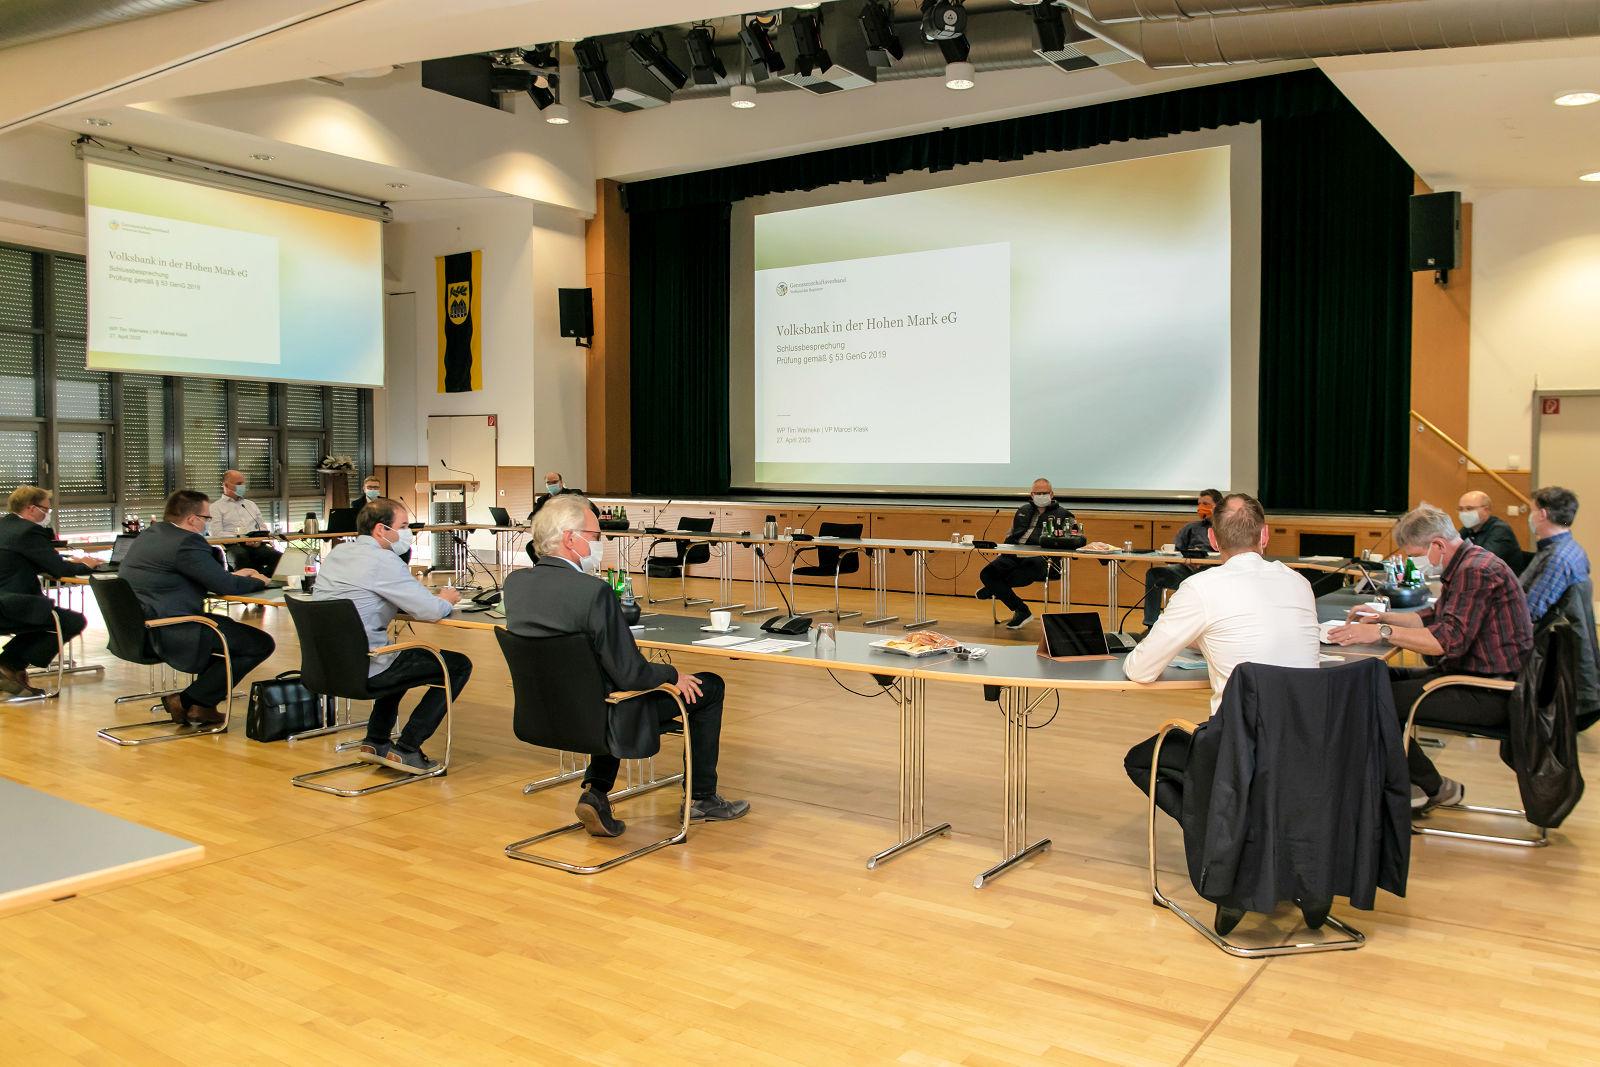 Volksbank, Reken-Forum, Aufsichtsrat, Sitzung